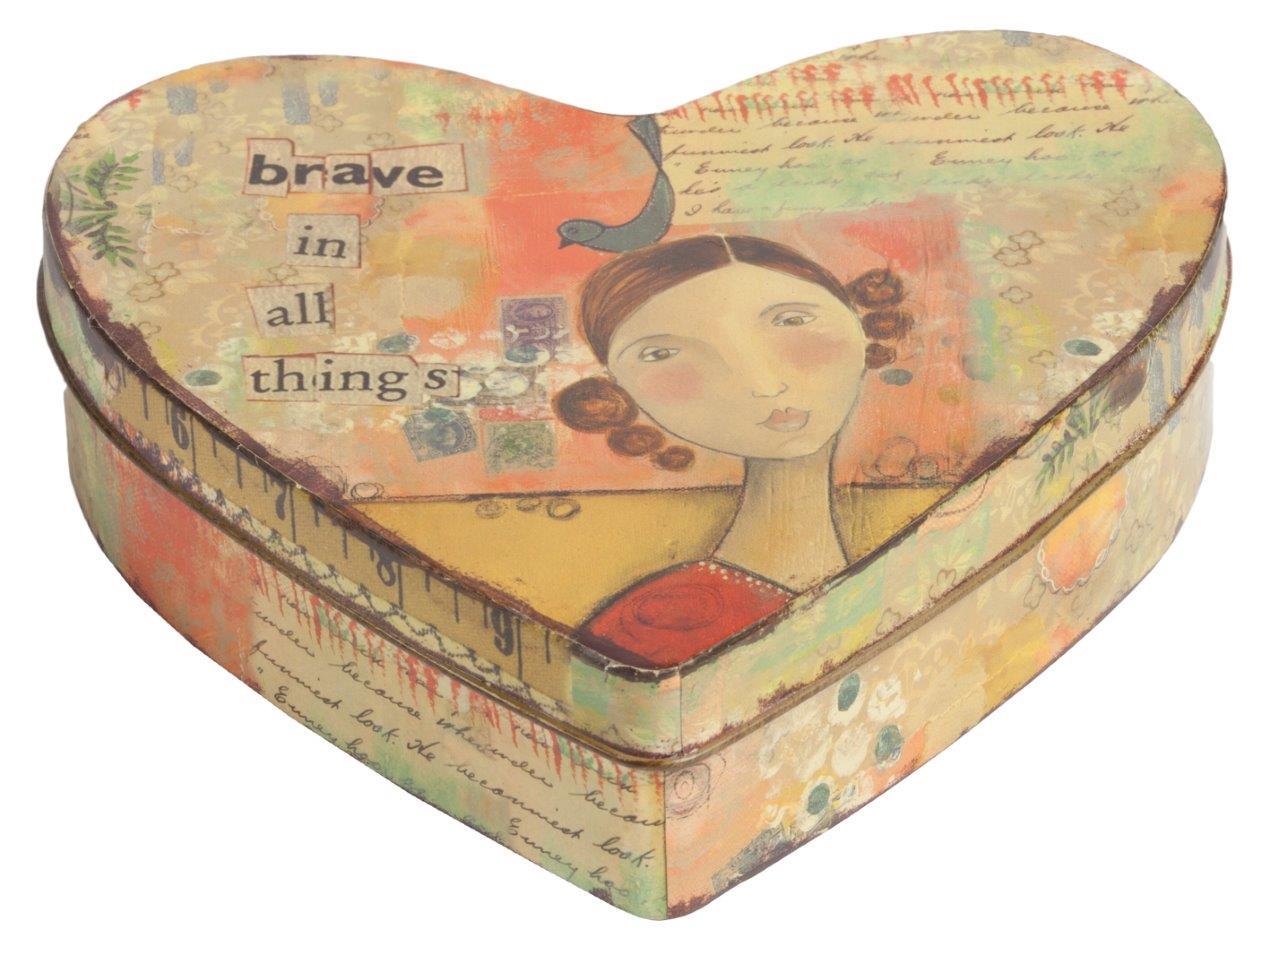 Декоративная коробка BraveКоробки<br>Декоративная коробка Brave — это симпатичный и весьма оригинальный элемент декора, выполненный в форме сердца строго в стиле Прованс — искусственно потертые края, специально состаренное олово, архаичные рисунки. Такая коробка пригодится вам для хранения как ценных вещей, так и милых безделушек. Аксессуар добавит вашему дому французского колорита и деревенского очарования.<br><br>Material: Металл<br>Width см: 16<br>Height см: 5